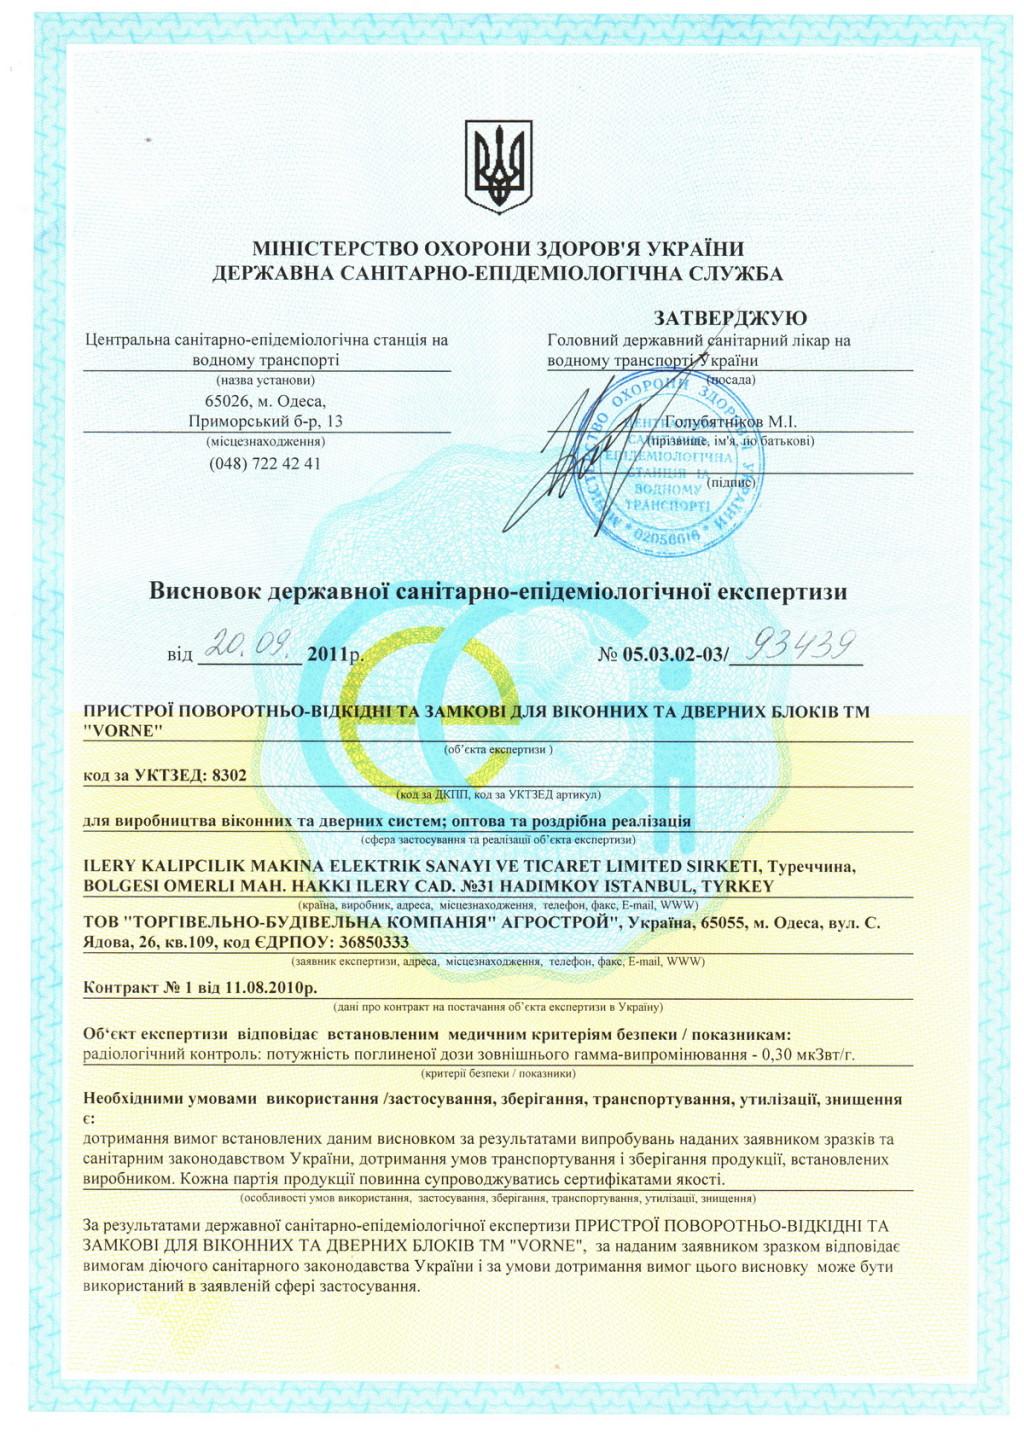 Сертификат гигиены на фурнитуру VORNE